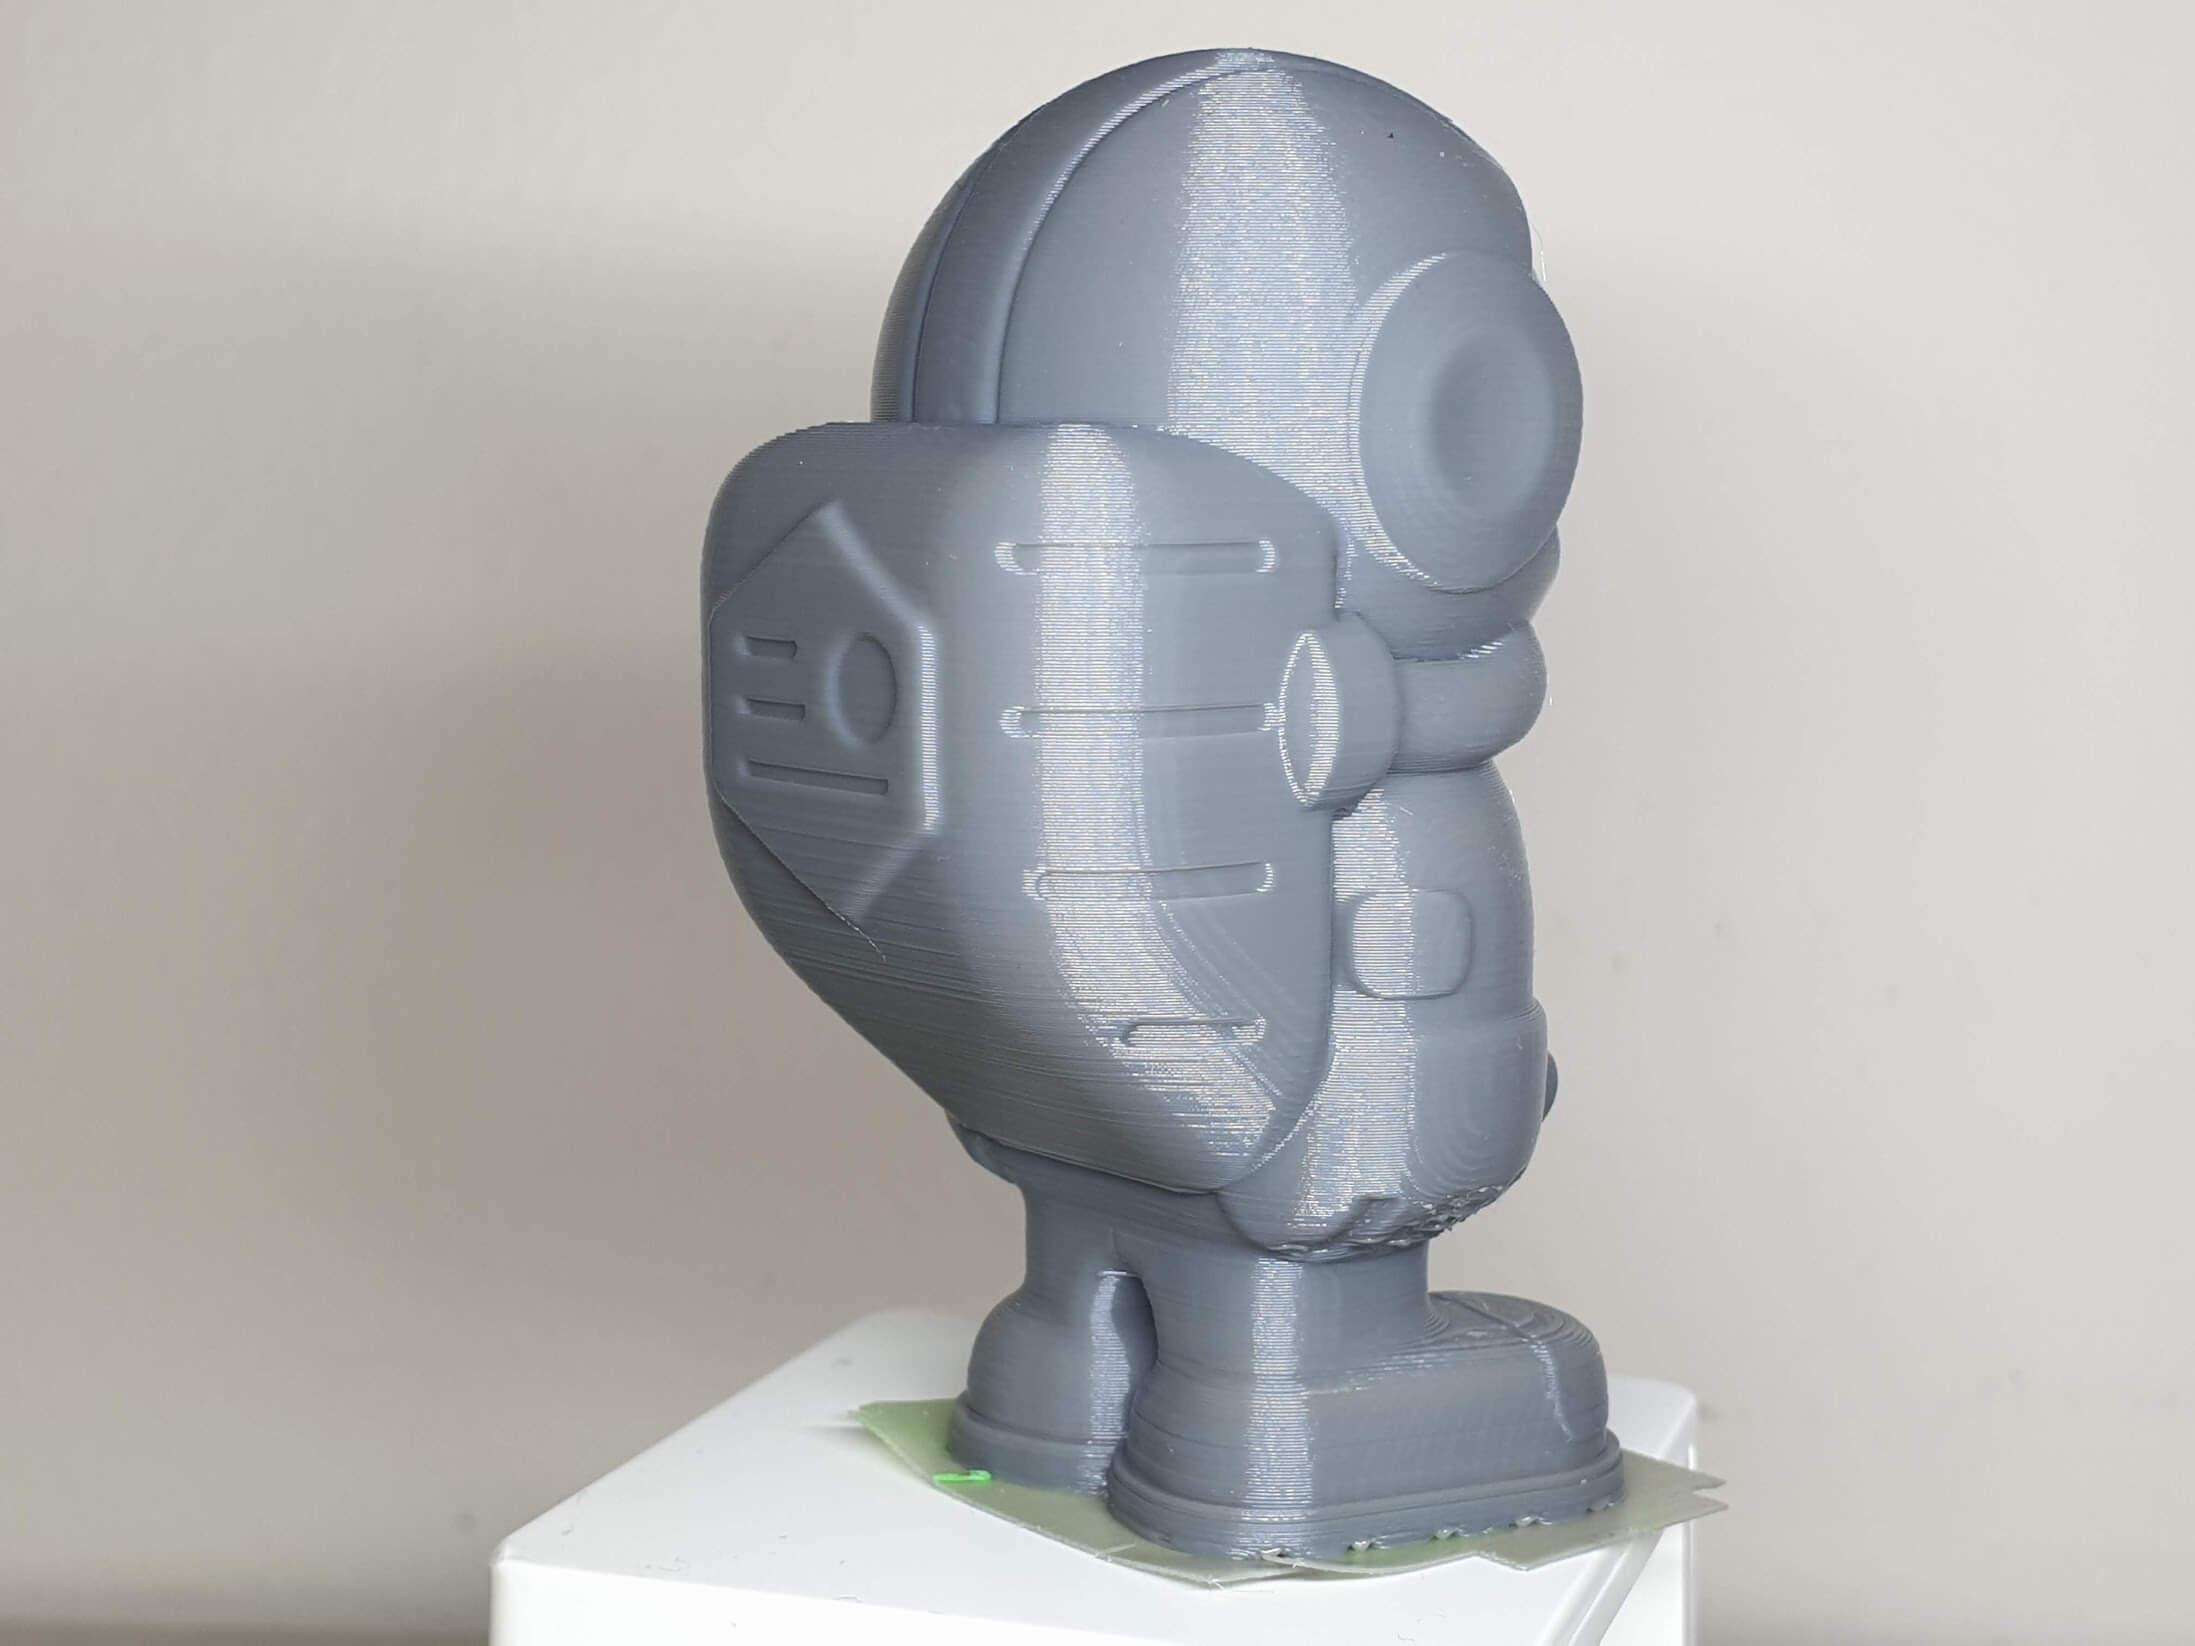 Phil A Ment Take 2 Longer Cube2 Mini 3 | Cube2 Mini Review - 3D Printer for Kids